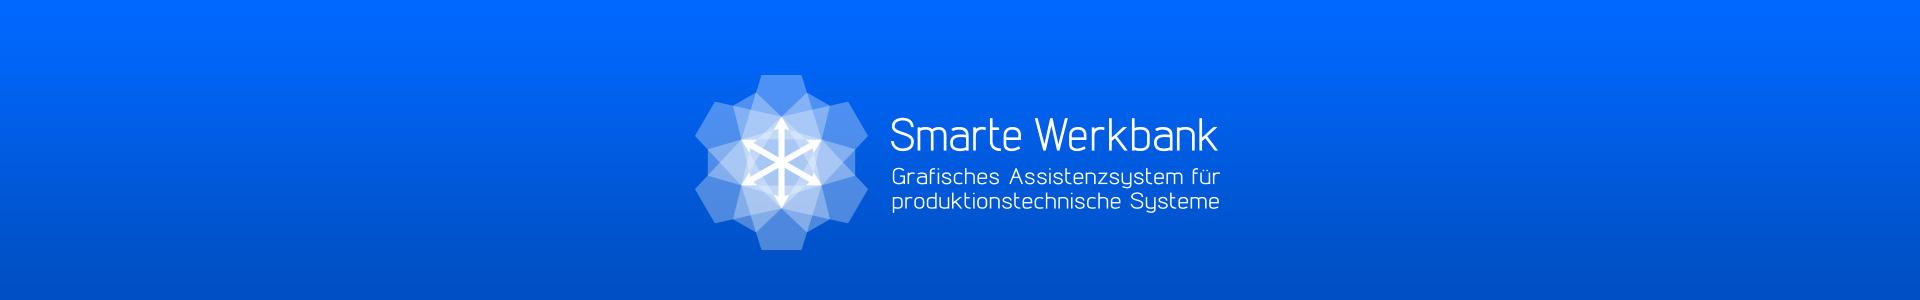 Bild: Smarte Werkbank - Sandstein Neue Medien